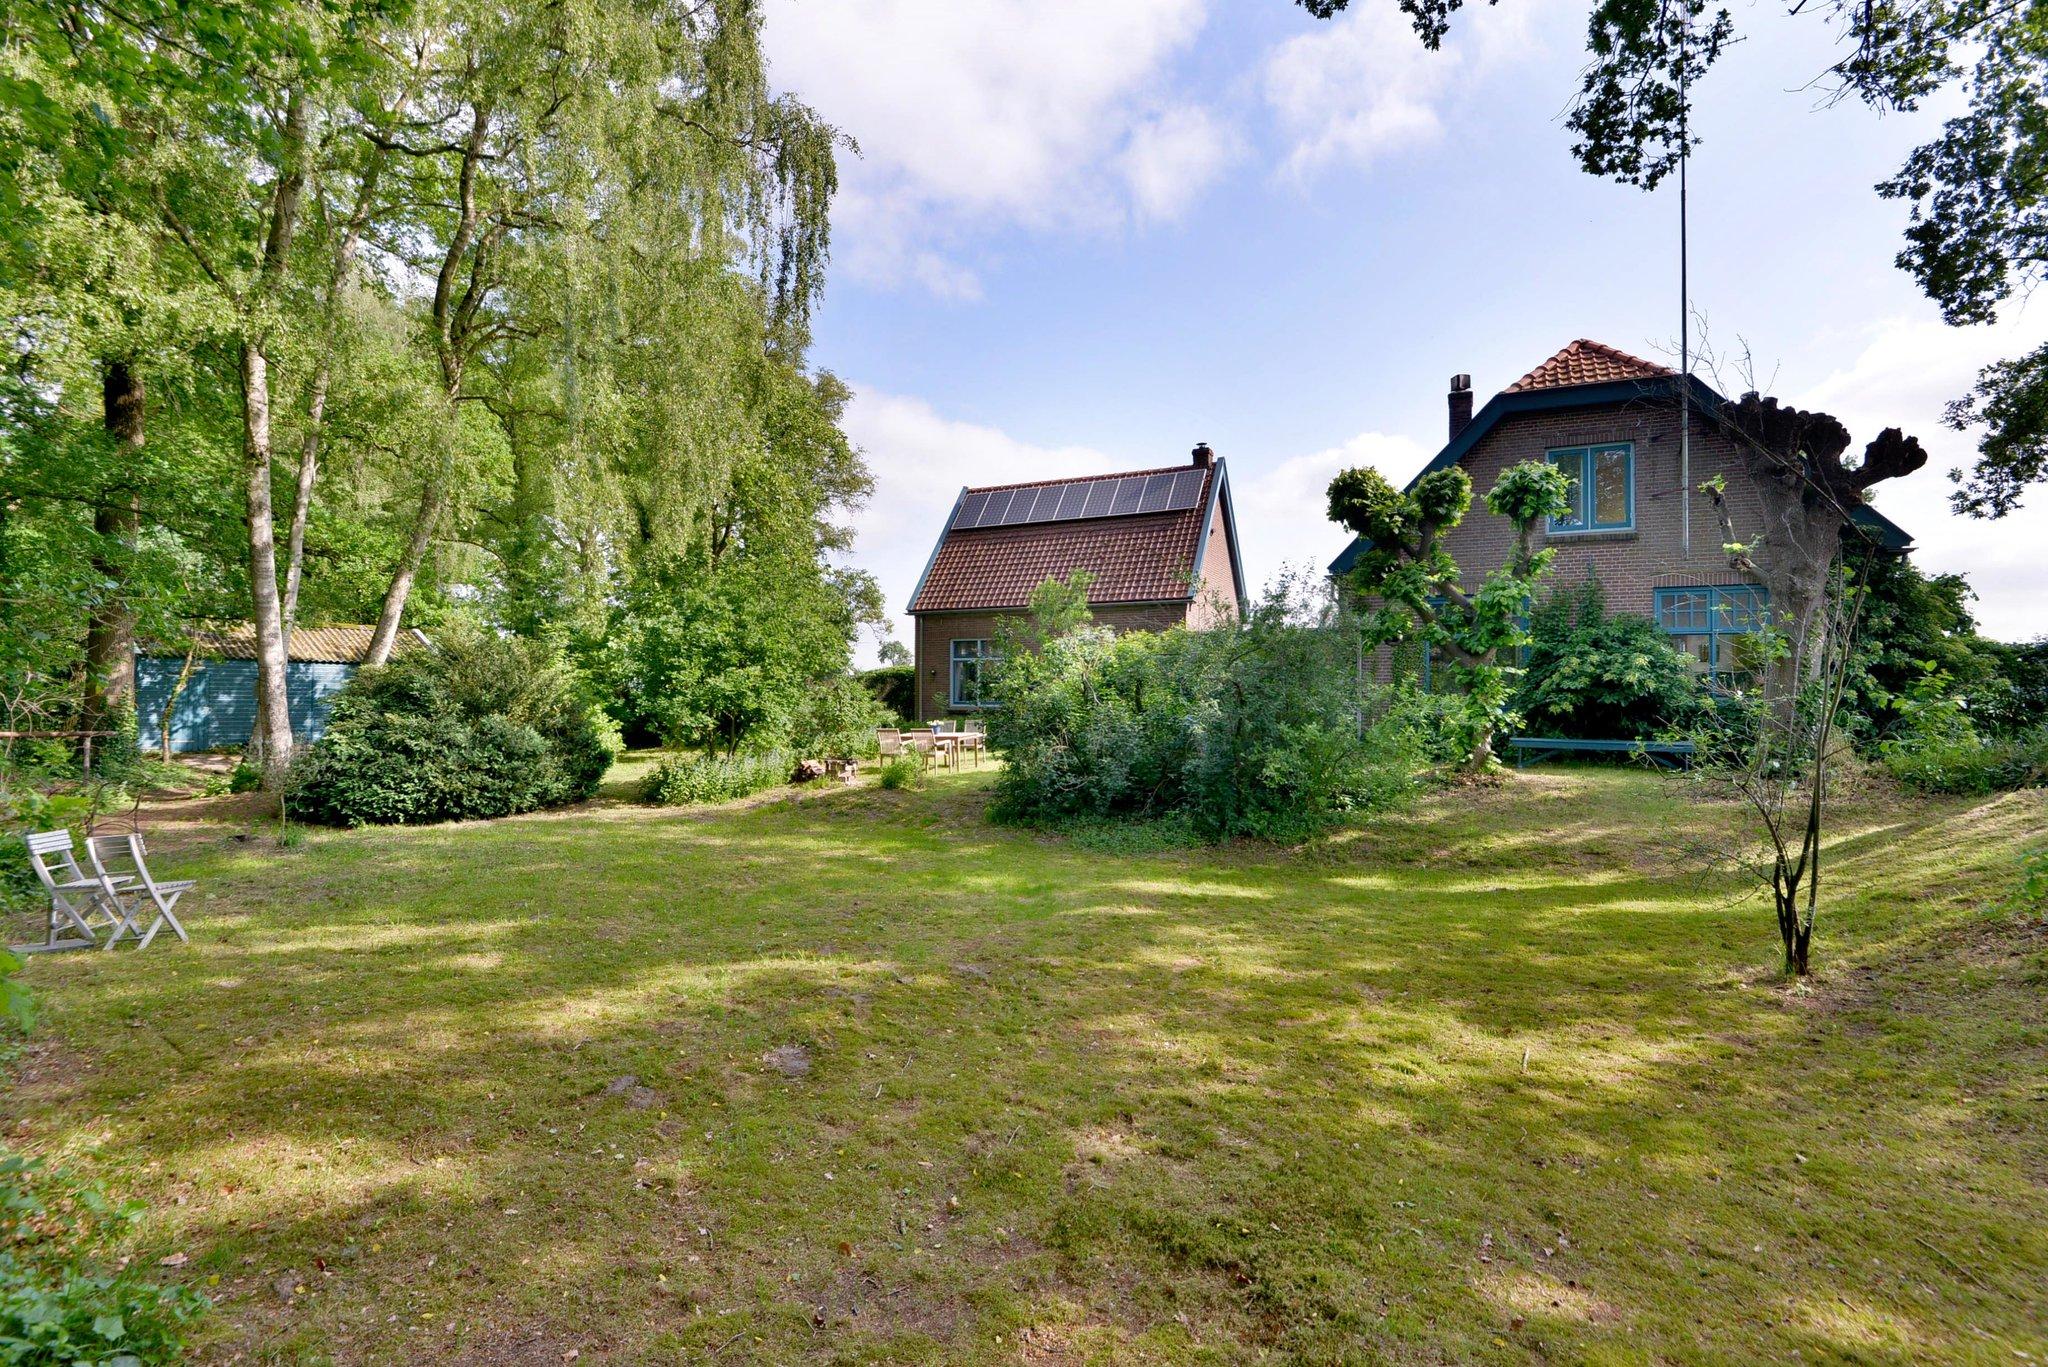 olst-boxbergerweg-4003964-foto-1.jpg